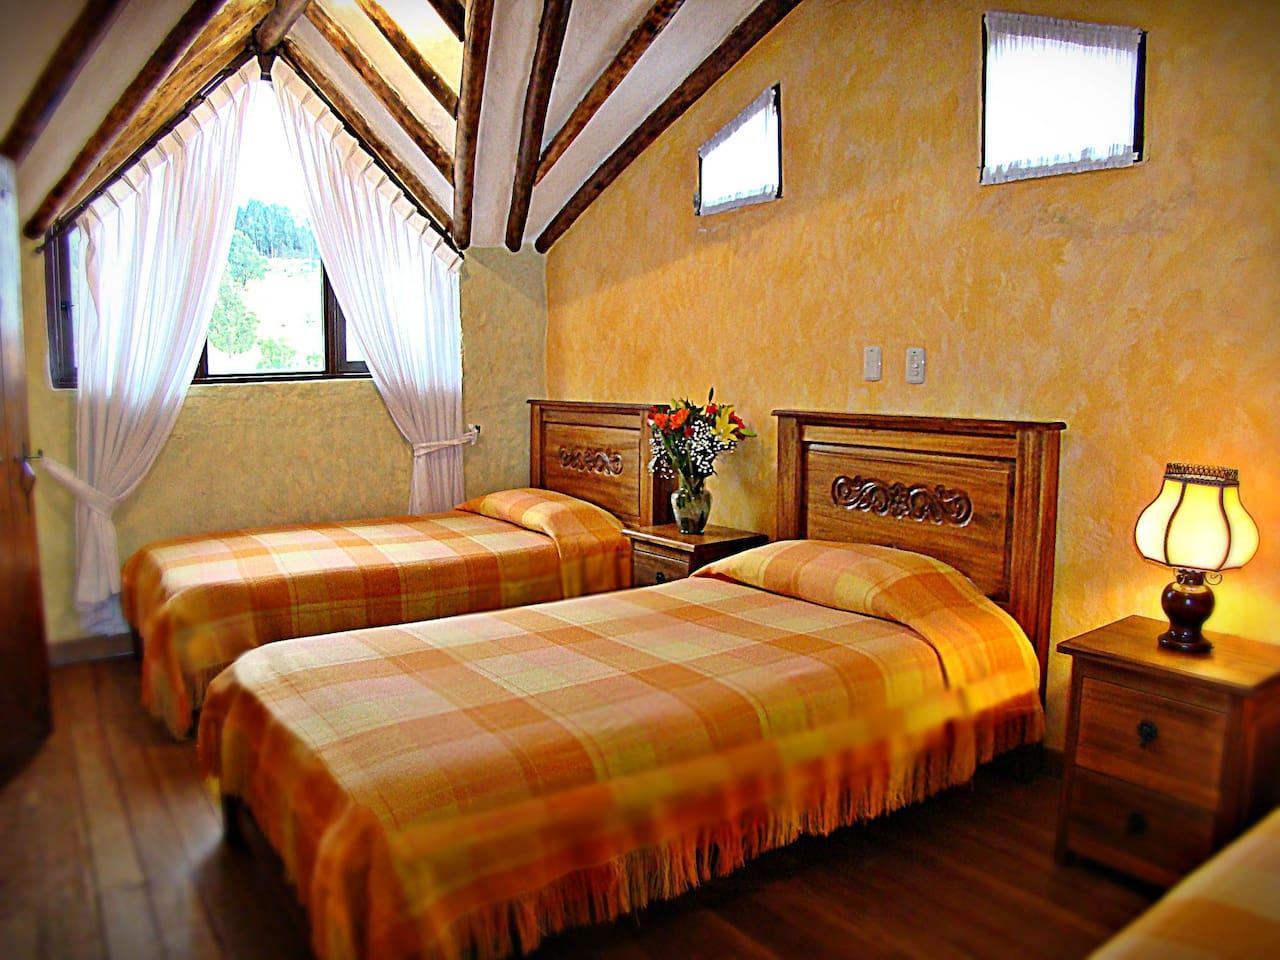 Villa Salom Apartamento Tur Stico Con Balc N Condom Nios Para  # Muebles Rusticos Duitama Boyaca